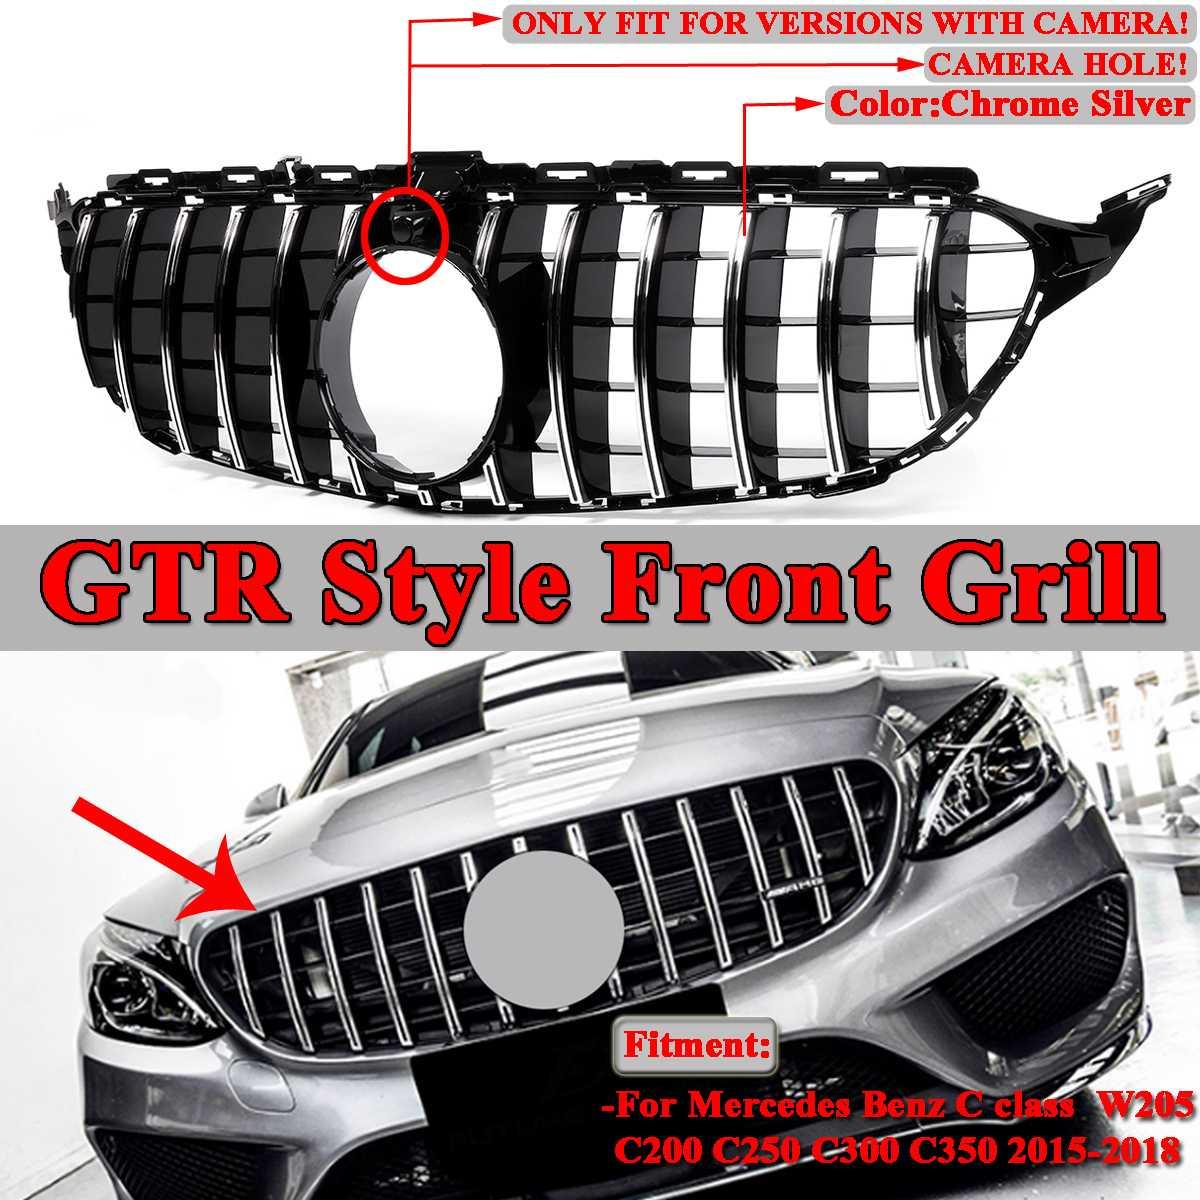 W205 GTR GT R نمط سيارة الجبهة شواء مصبغة أسود/كروم الفضة لمرسيدس لبنز W205 C200 C250 C300 C350 2015-2018 2Dr/4Dr